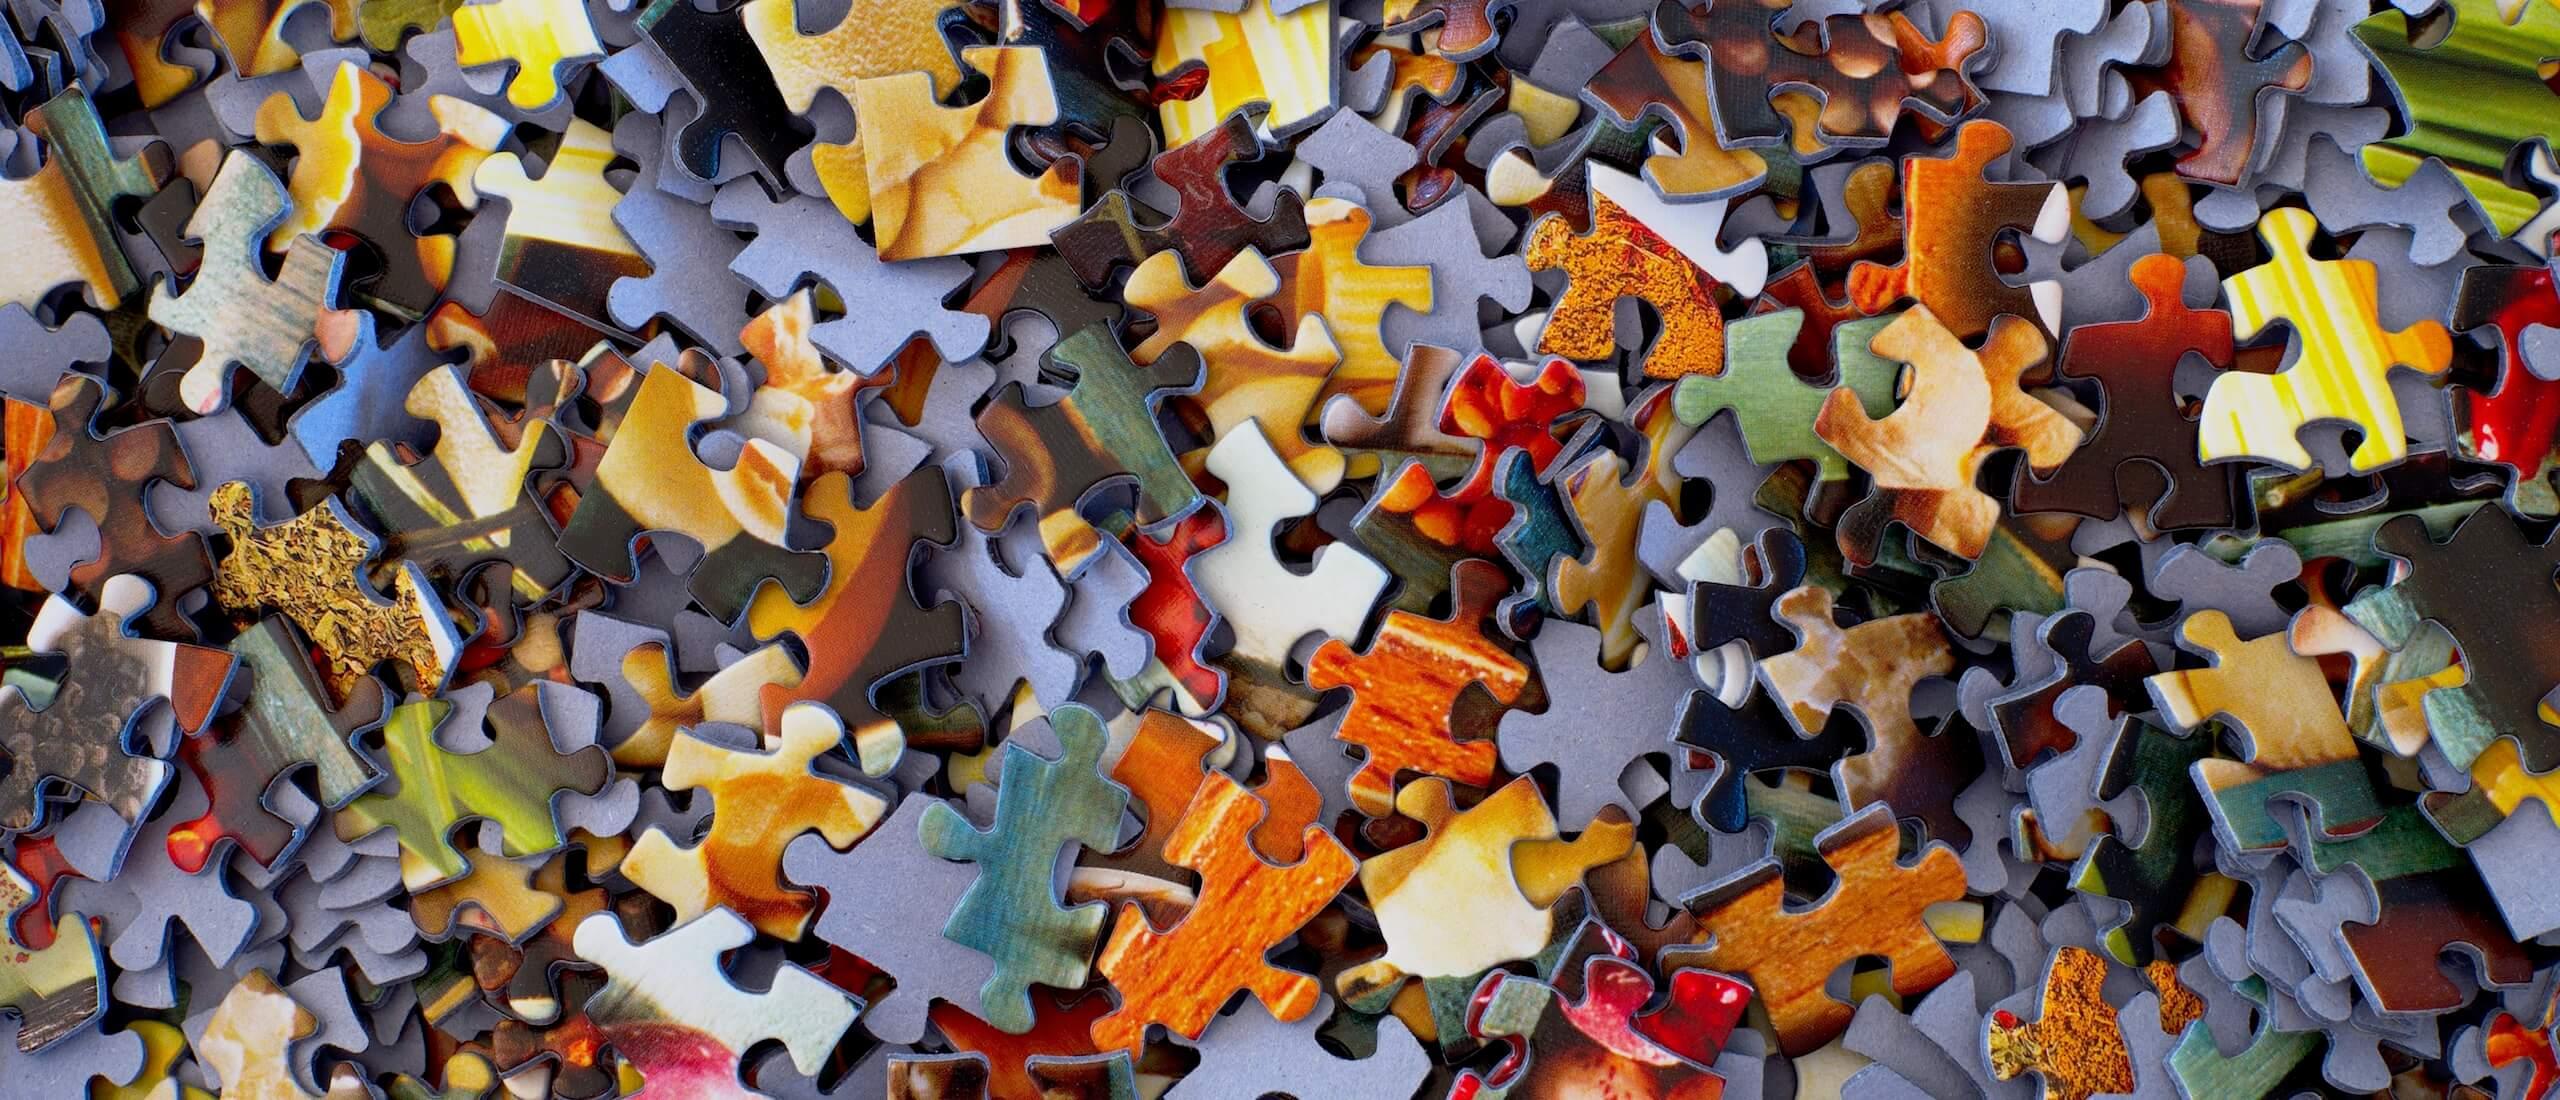 Die Puzzleteile stellen die Situation dar, wenn wir nicht mehr weiter wissen.